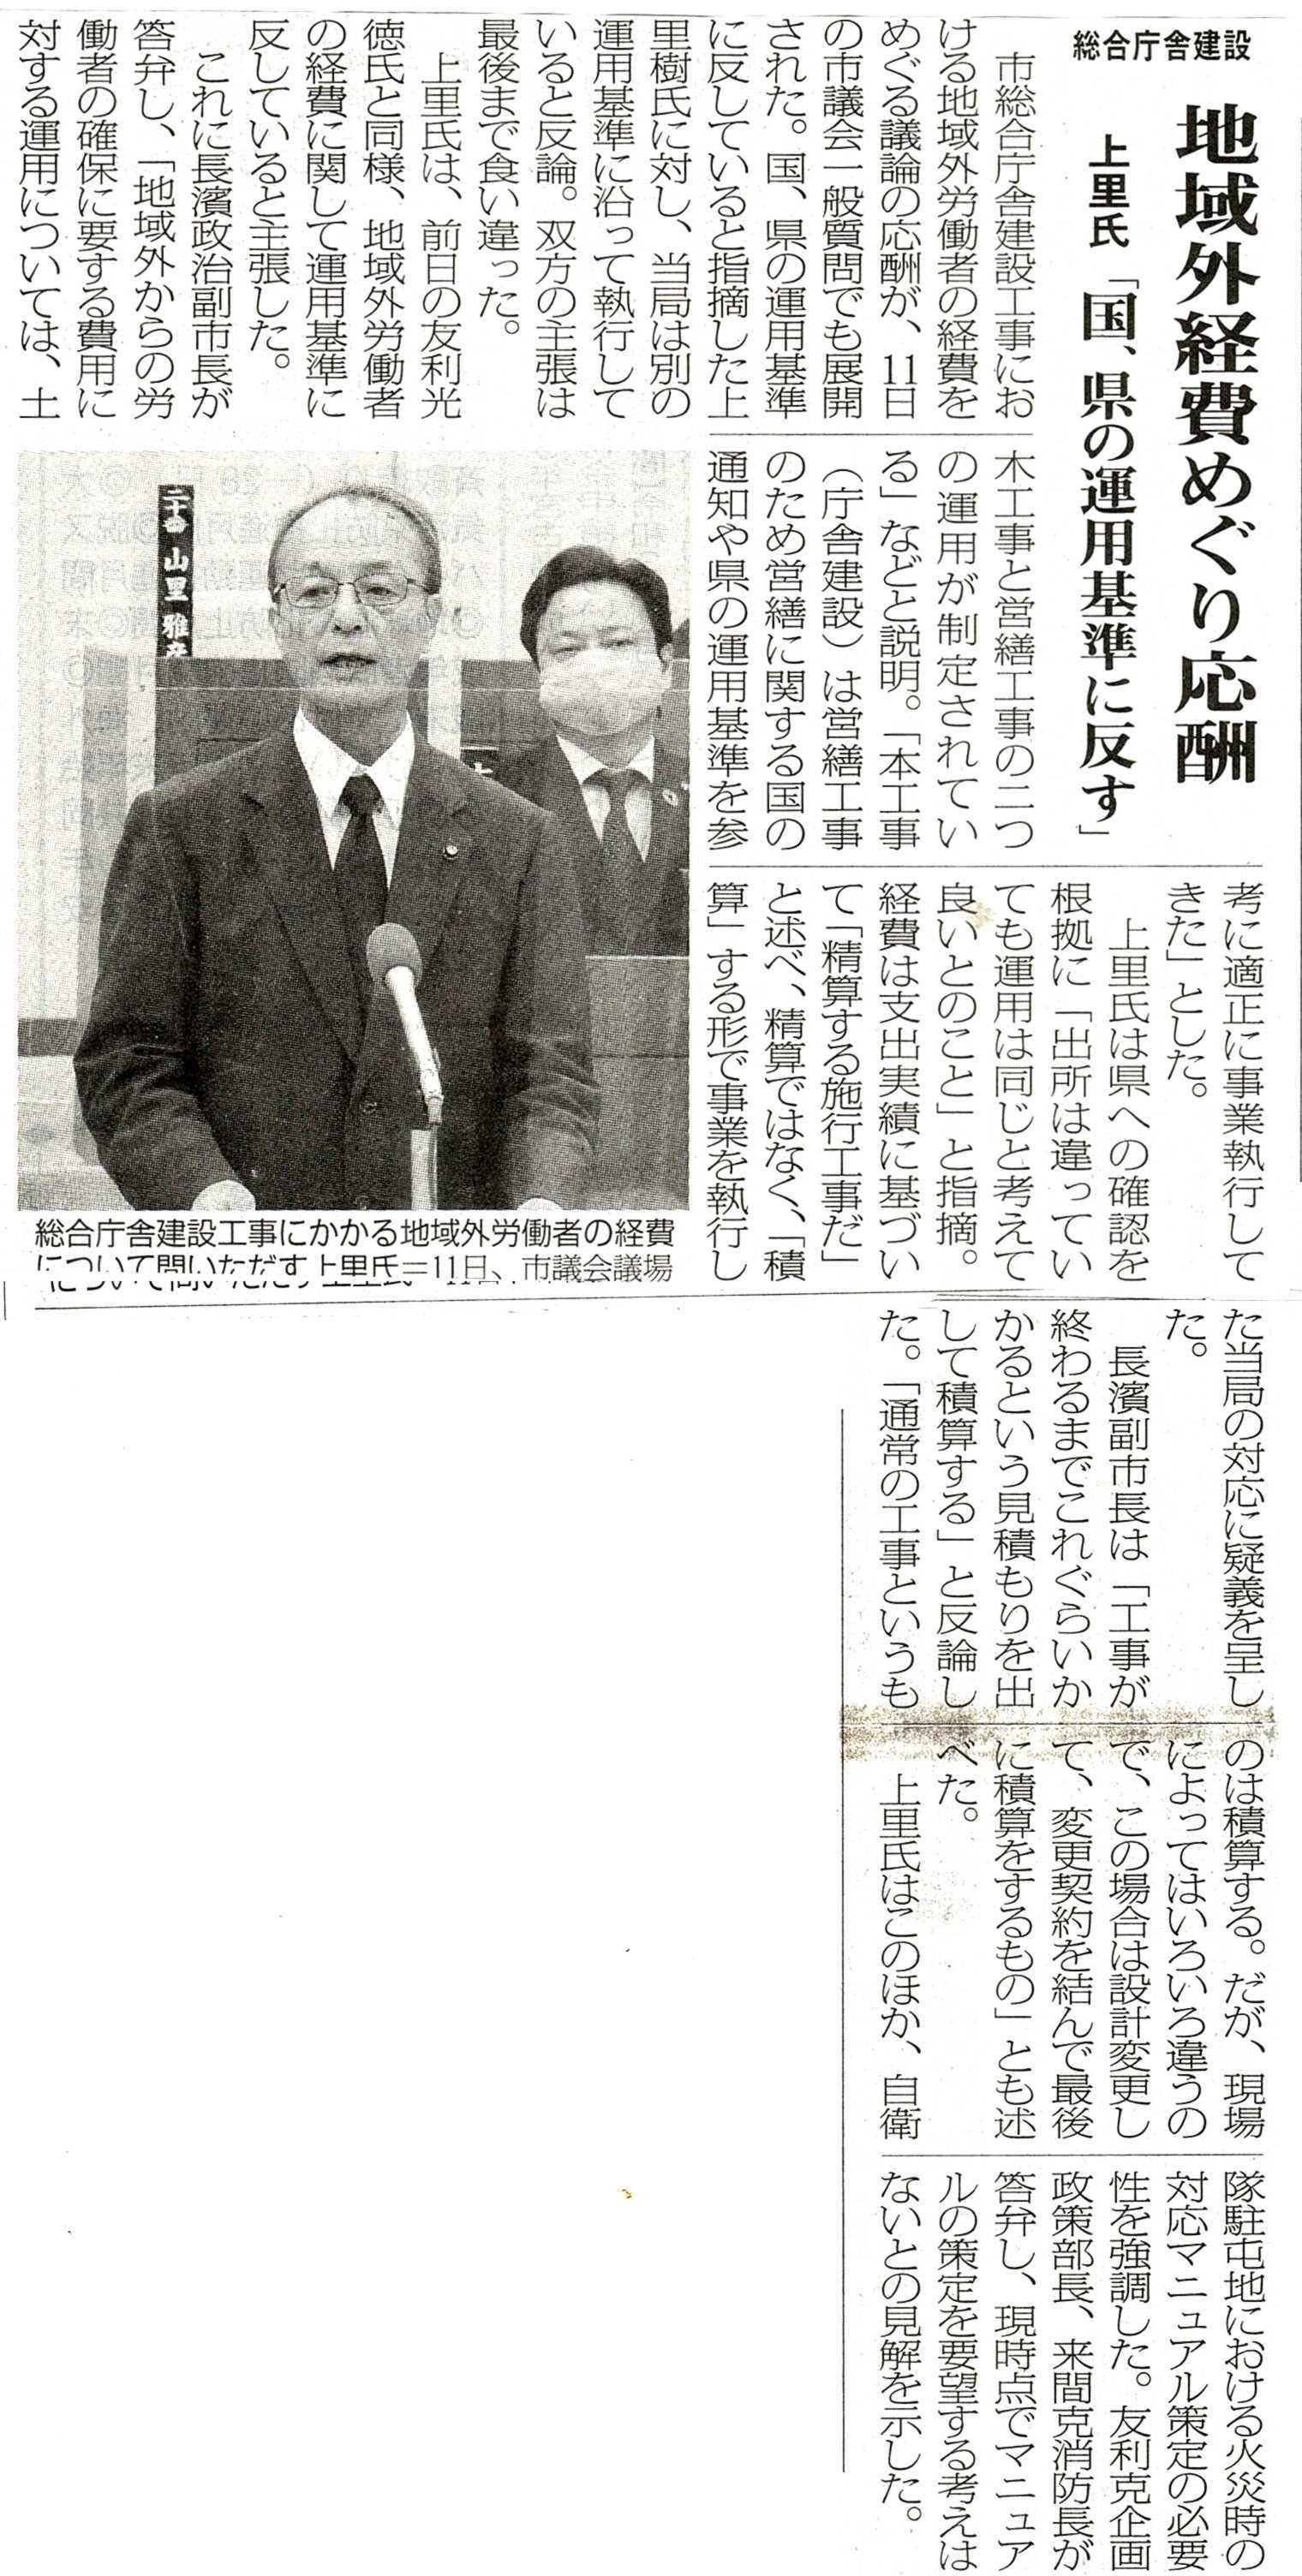 miyakomainichi2020 12121